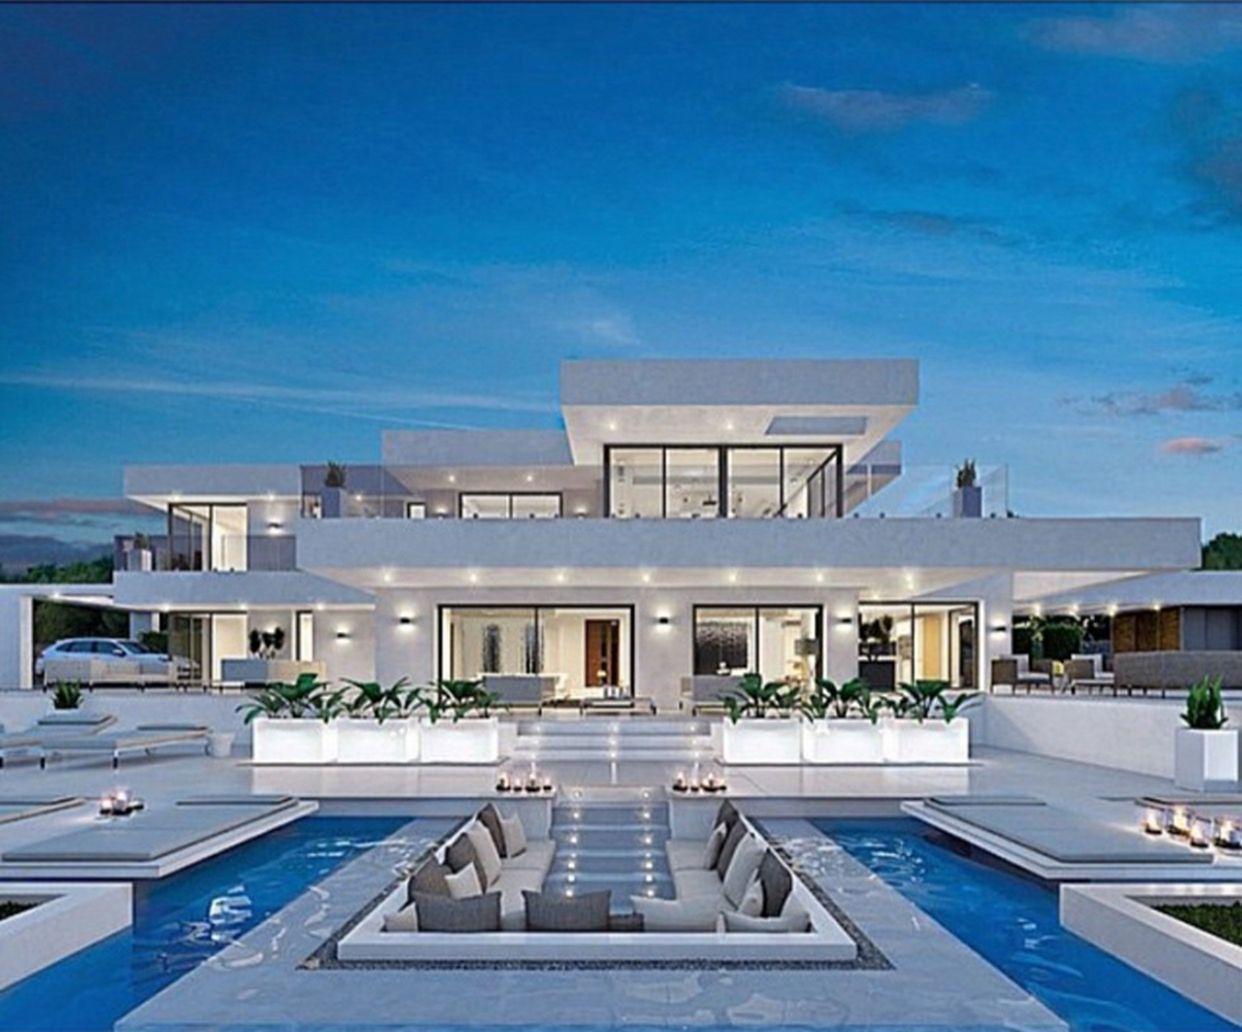 Fantastic Luxury Modern Design Better House Ideas Live For25 Fantastic Luxury Modern Luxury Exterior Luxury Homes Dream Houses Modern House Exterior